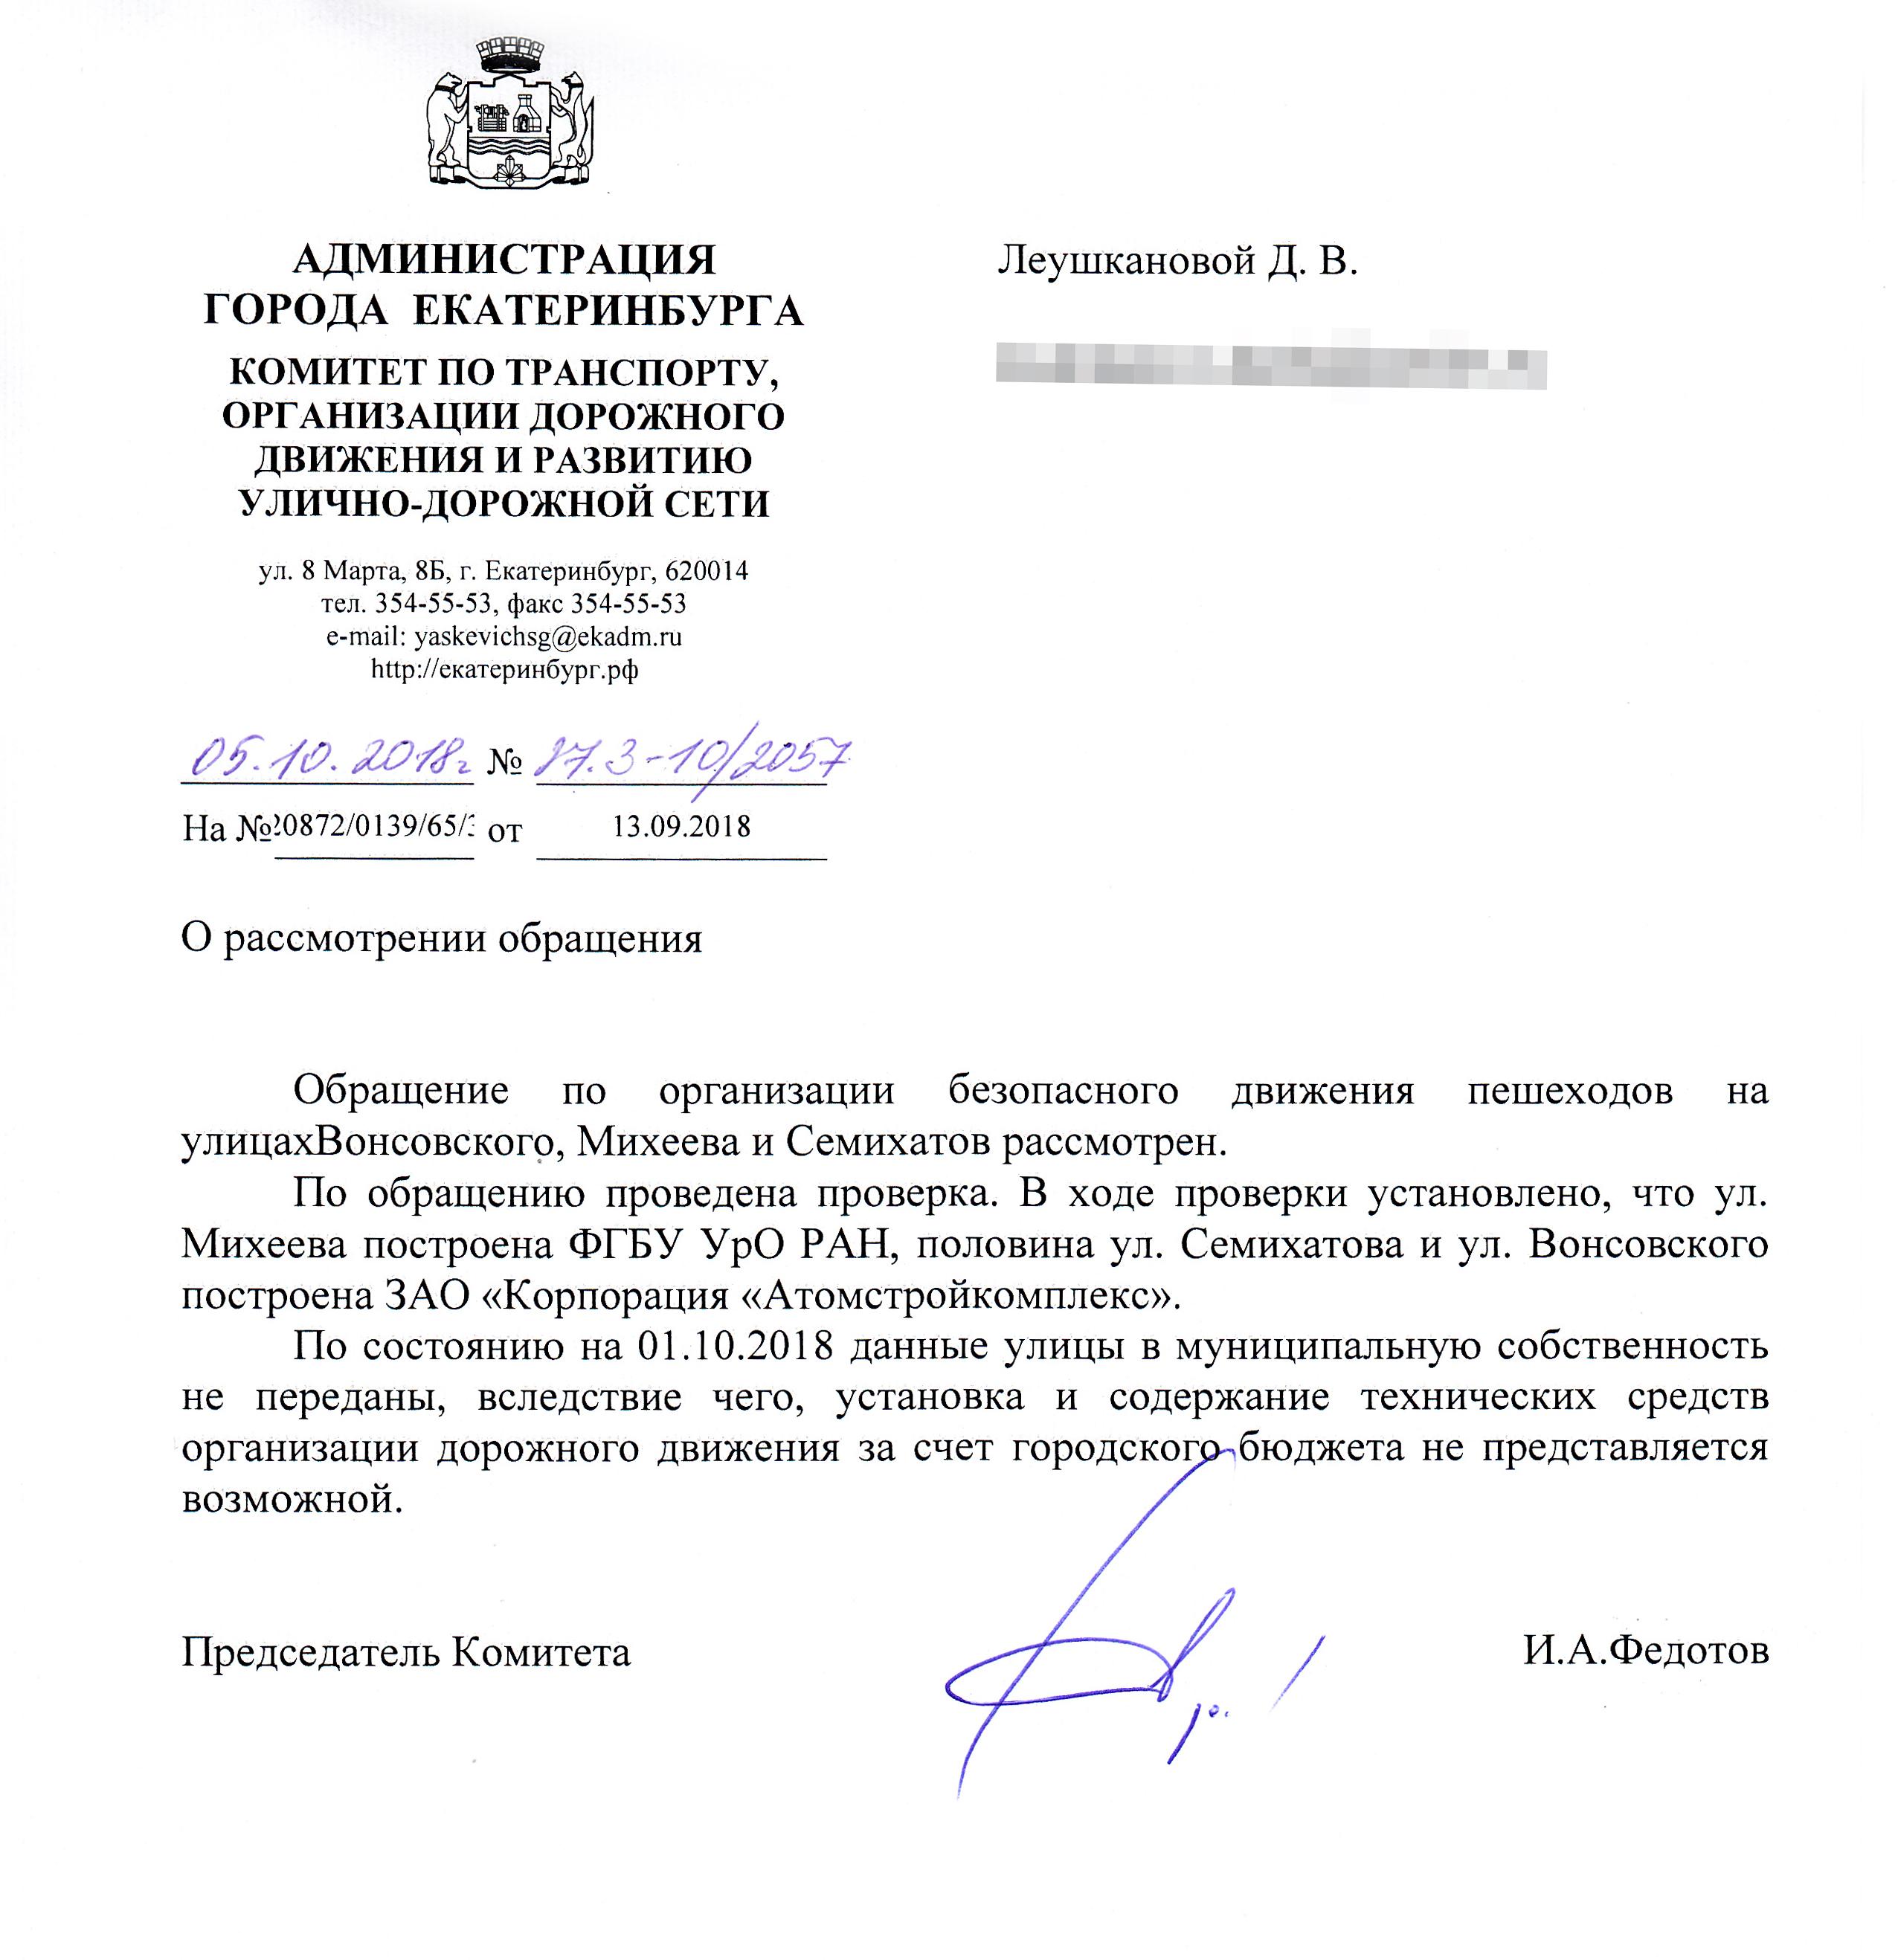 Ответ комитета по транспорту и развитию улично-дорожной сети